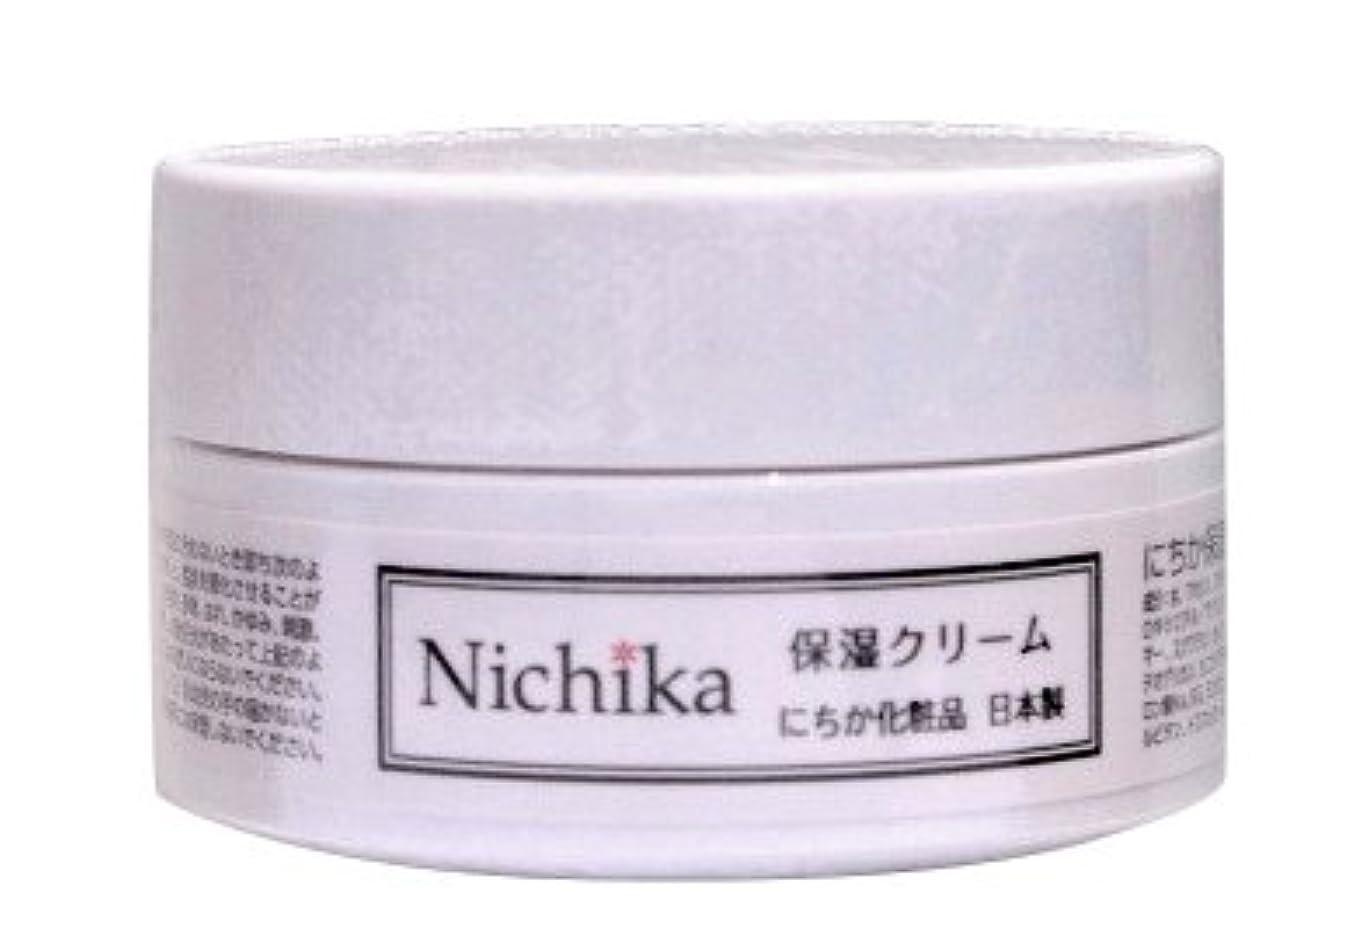 ピュー文明削除するにちか保湿クリーム  内容量30g 日本製  『ワンランク上の潤いハリ肌』を『リーズナブル』に。  ヒアルロン酸の1.3倍の保水力があるプロテオグリカン配合。 しっとりなじみ,成分がじんわり角質層に浸透 お肌に「ふた」をして潤いを守り、乾燥からお肌を守ります。肌バリア力を強化。「健康肌」をつくり、刺激や紫外線から角質層より深い位置の肌を守ります。 さっぱりとした使用感なのにコクもあり肌に素早く浸透。肌馴染みが良く吸い付くような使用感は今よりワンランク上の肌を目指す方におススメです。